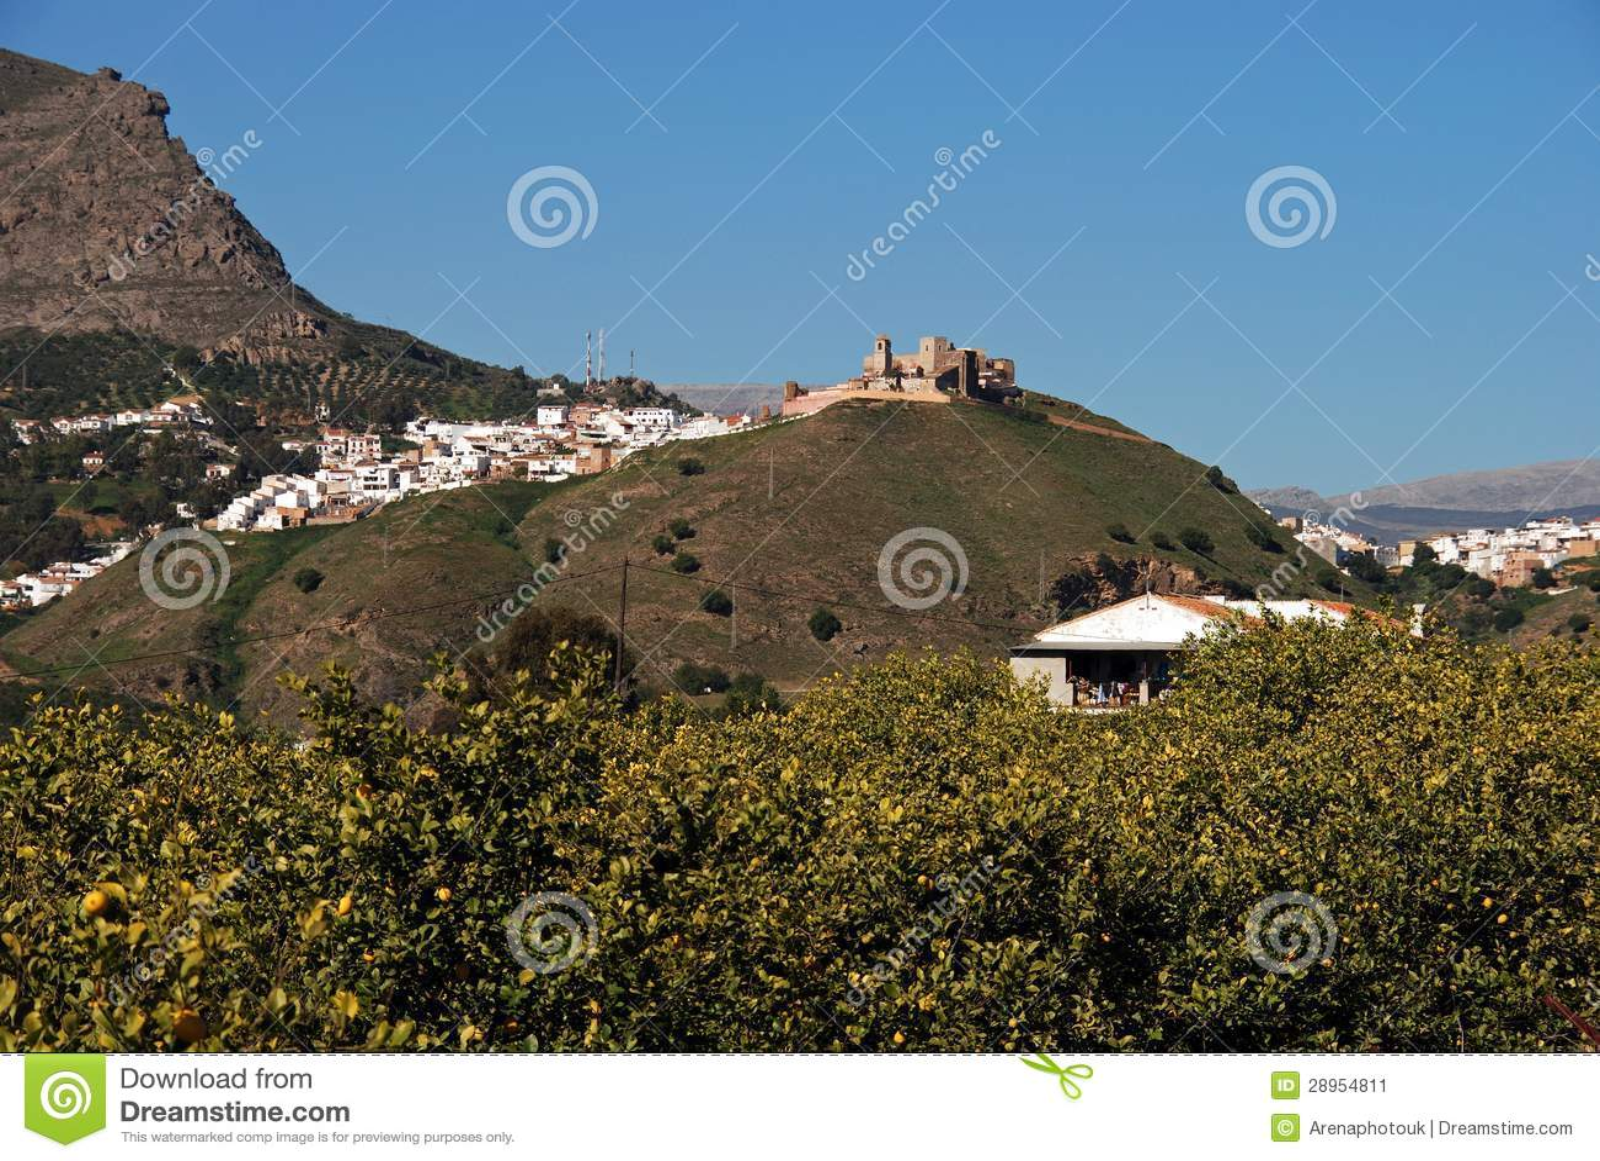 Biali miasteczka i cytryny drzewa, Alora, Hiszpania.